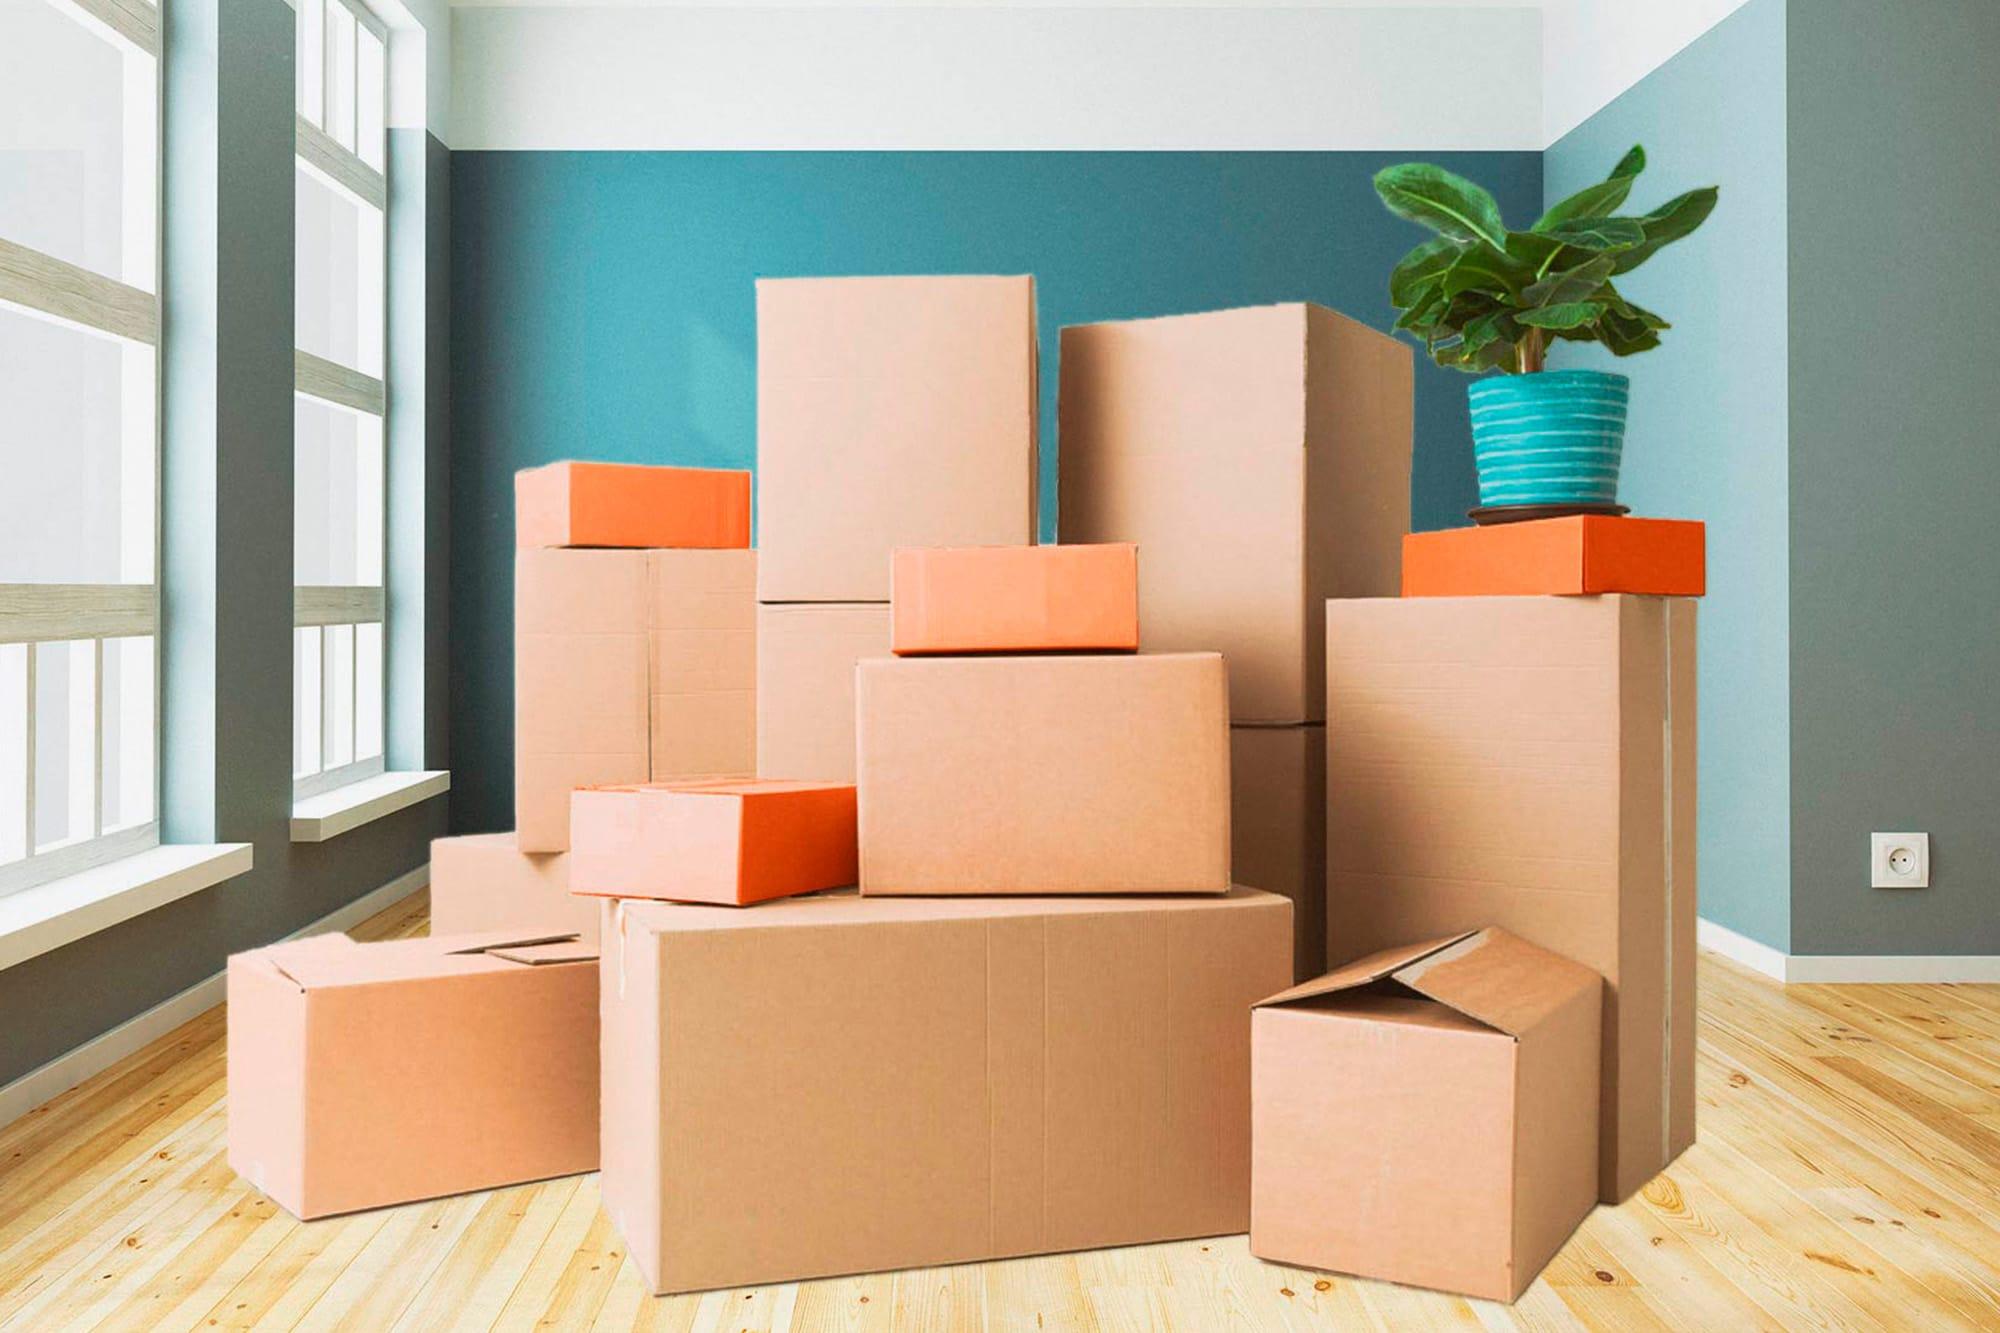 Trenger du et effektivt flyttebyrå, med en hurtig løsning?